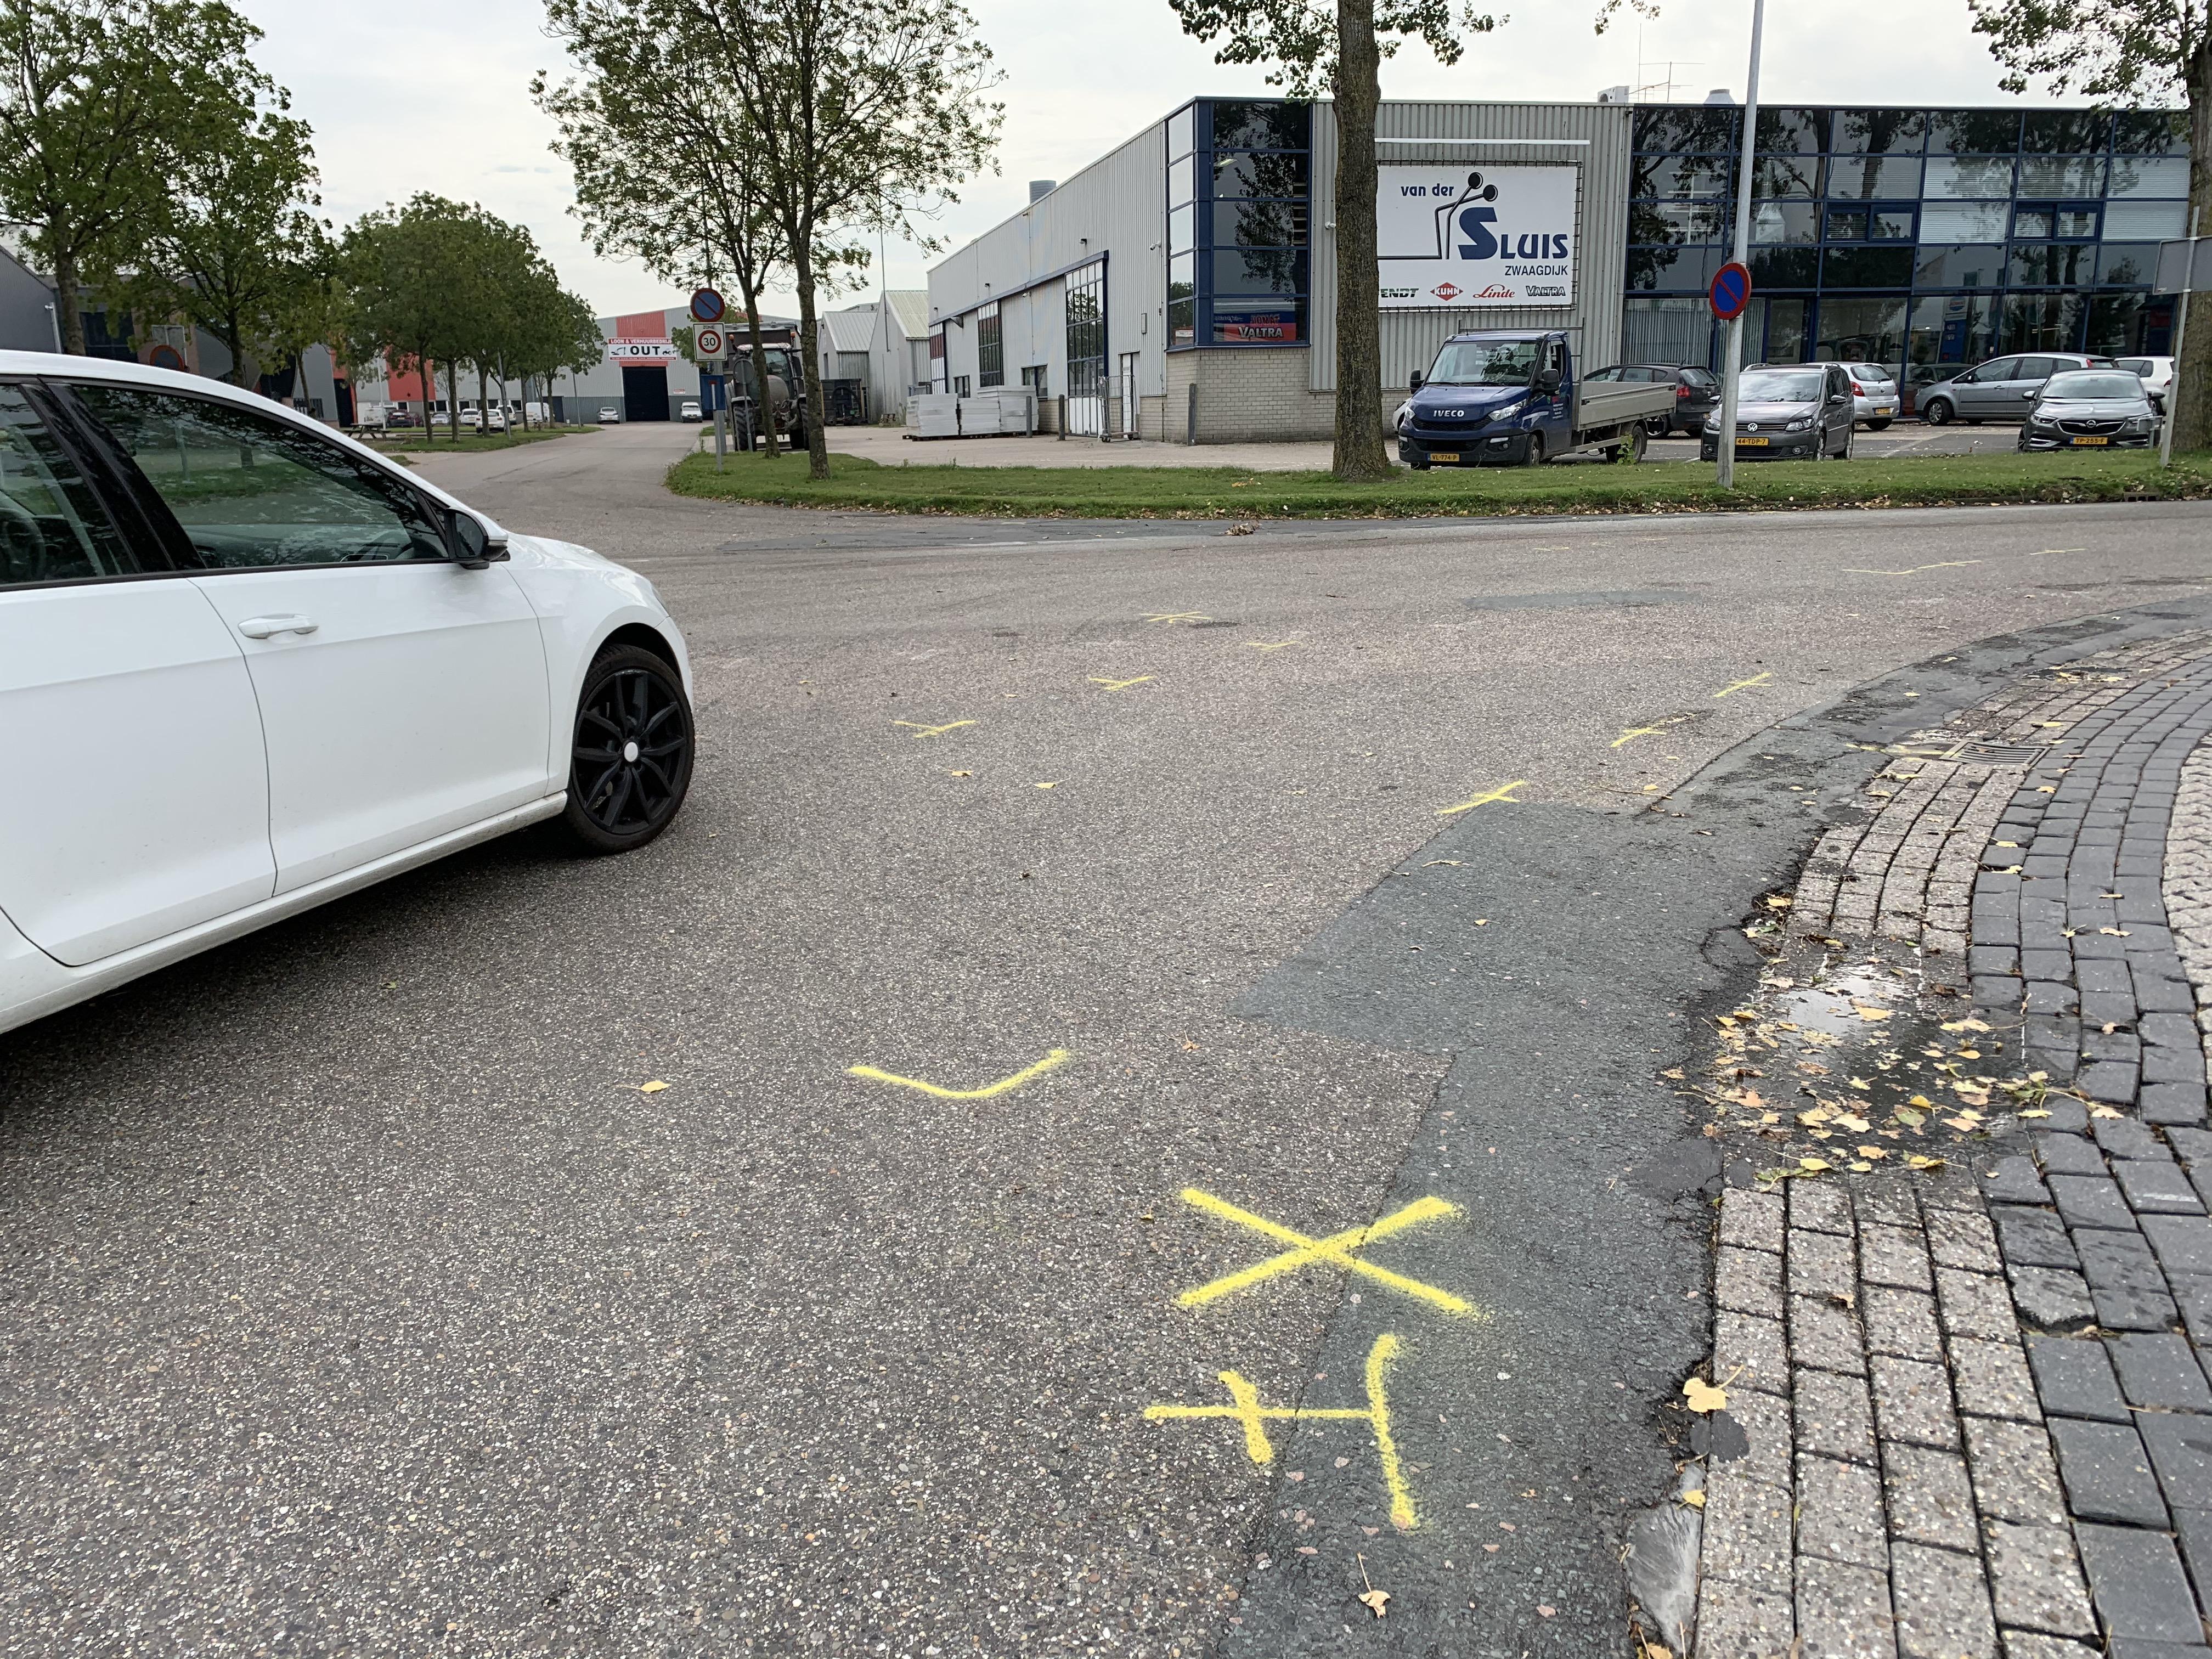 Slachtoffer ongeval Zwaagdijk fietsster (63) uit Venhuizen, betrokken transportbedrijf wil slachtoffer hart onder de riem steken maar wet zit dwars